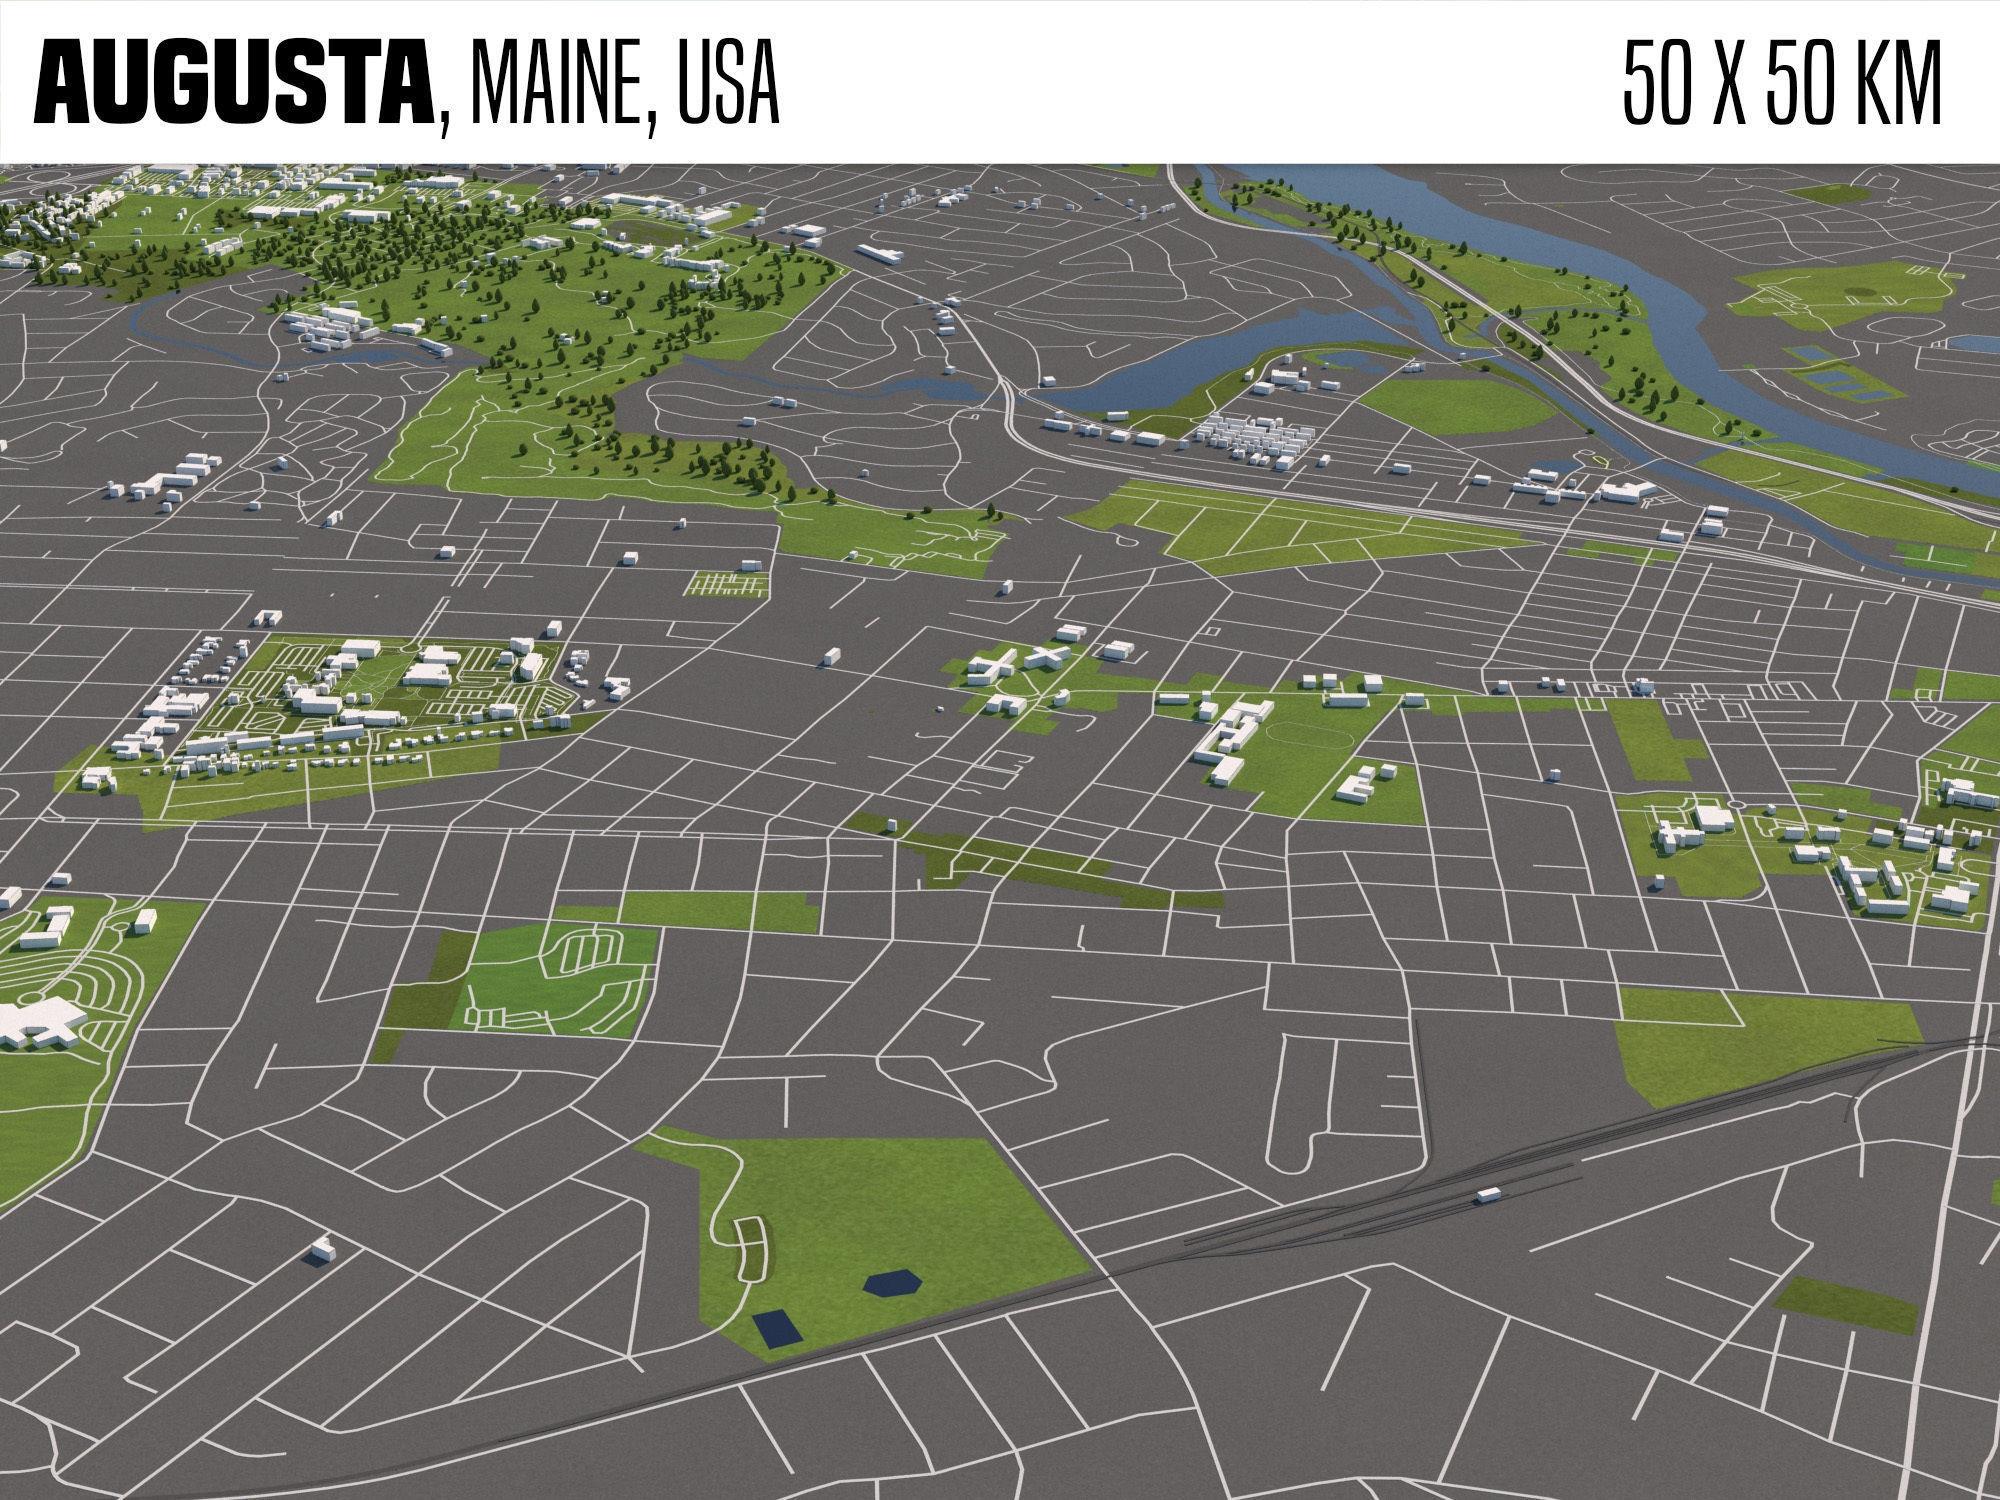 Augusta Maine USA 50x50km